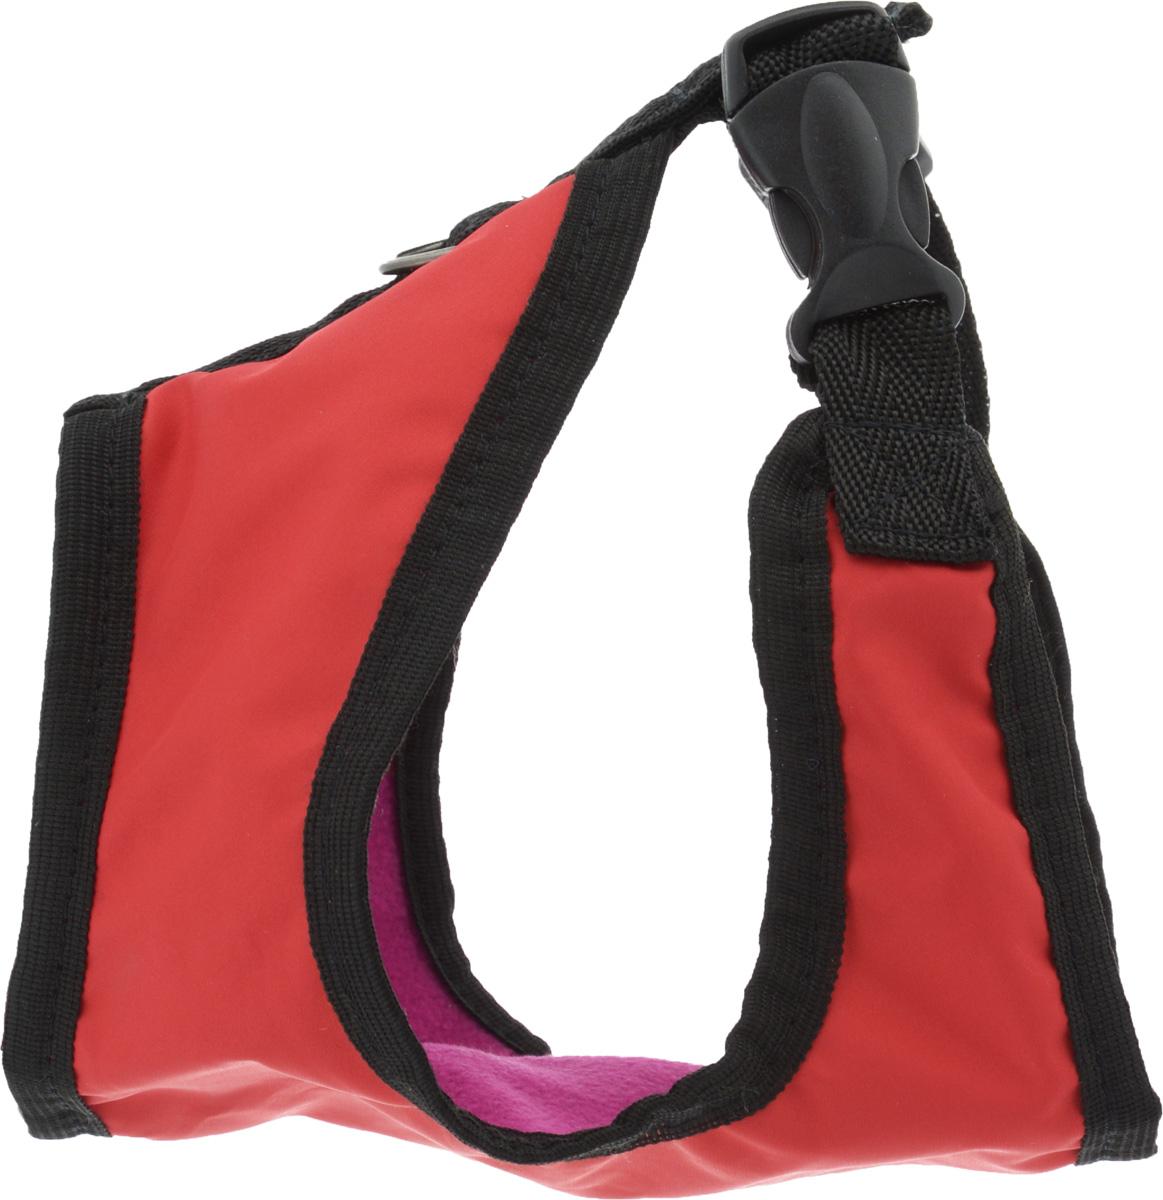 Шлейка для собак ЗооМарк, цвет: черный, красный флис, фуксия. Размер: 1Ш-1к_в ассортиментеШлейка для собак ЗооМарк выполнена из оксфорда, а на подкладке используется флис. Изделие оснащено специальным крючком, к которому вы с легкостью сможете прикрепить поводок. Шлейка имеет застежку фастекс и регулируется при помощи пряжки. Шлейка - это альтернатива ошейнику. Правильно подобранная шлейка не стесняет движения питомца, не натирает кожу, поэтому животное чувствует себя в ней уверенно и комфортно. Изделие отличается высоким качеством, удобством и универсальностью. Обхват груди: 22-25 см. Длина спинки: 14 см. Ширина ремней: 2 см.